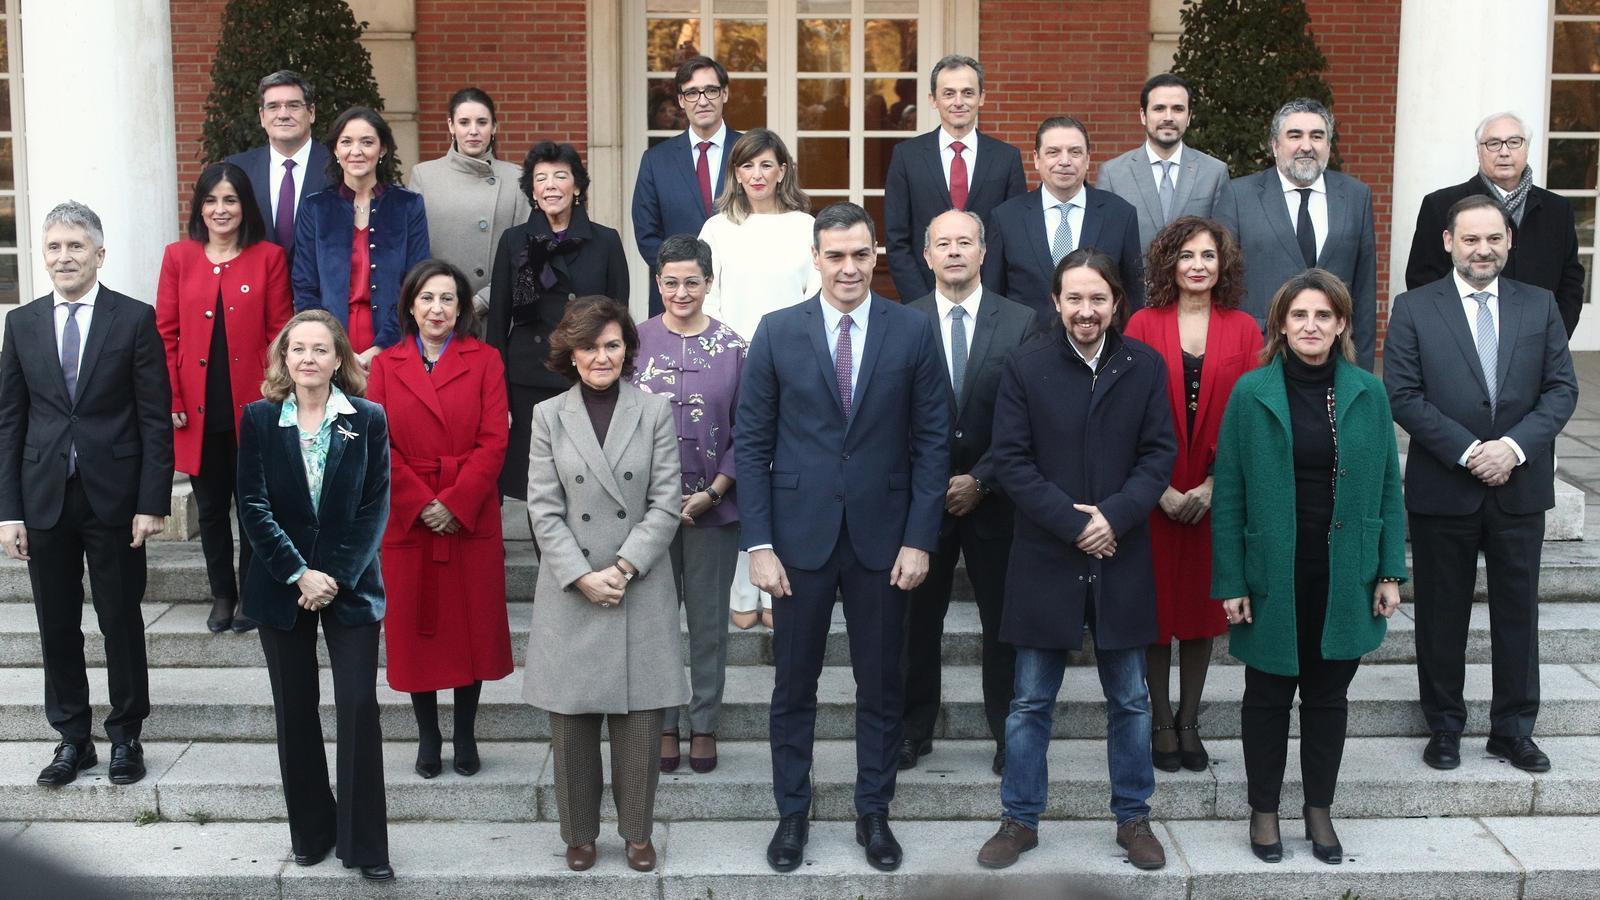 El govern de coalició reforça el PSOE i Unides Podem, segons el CIS